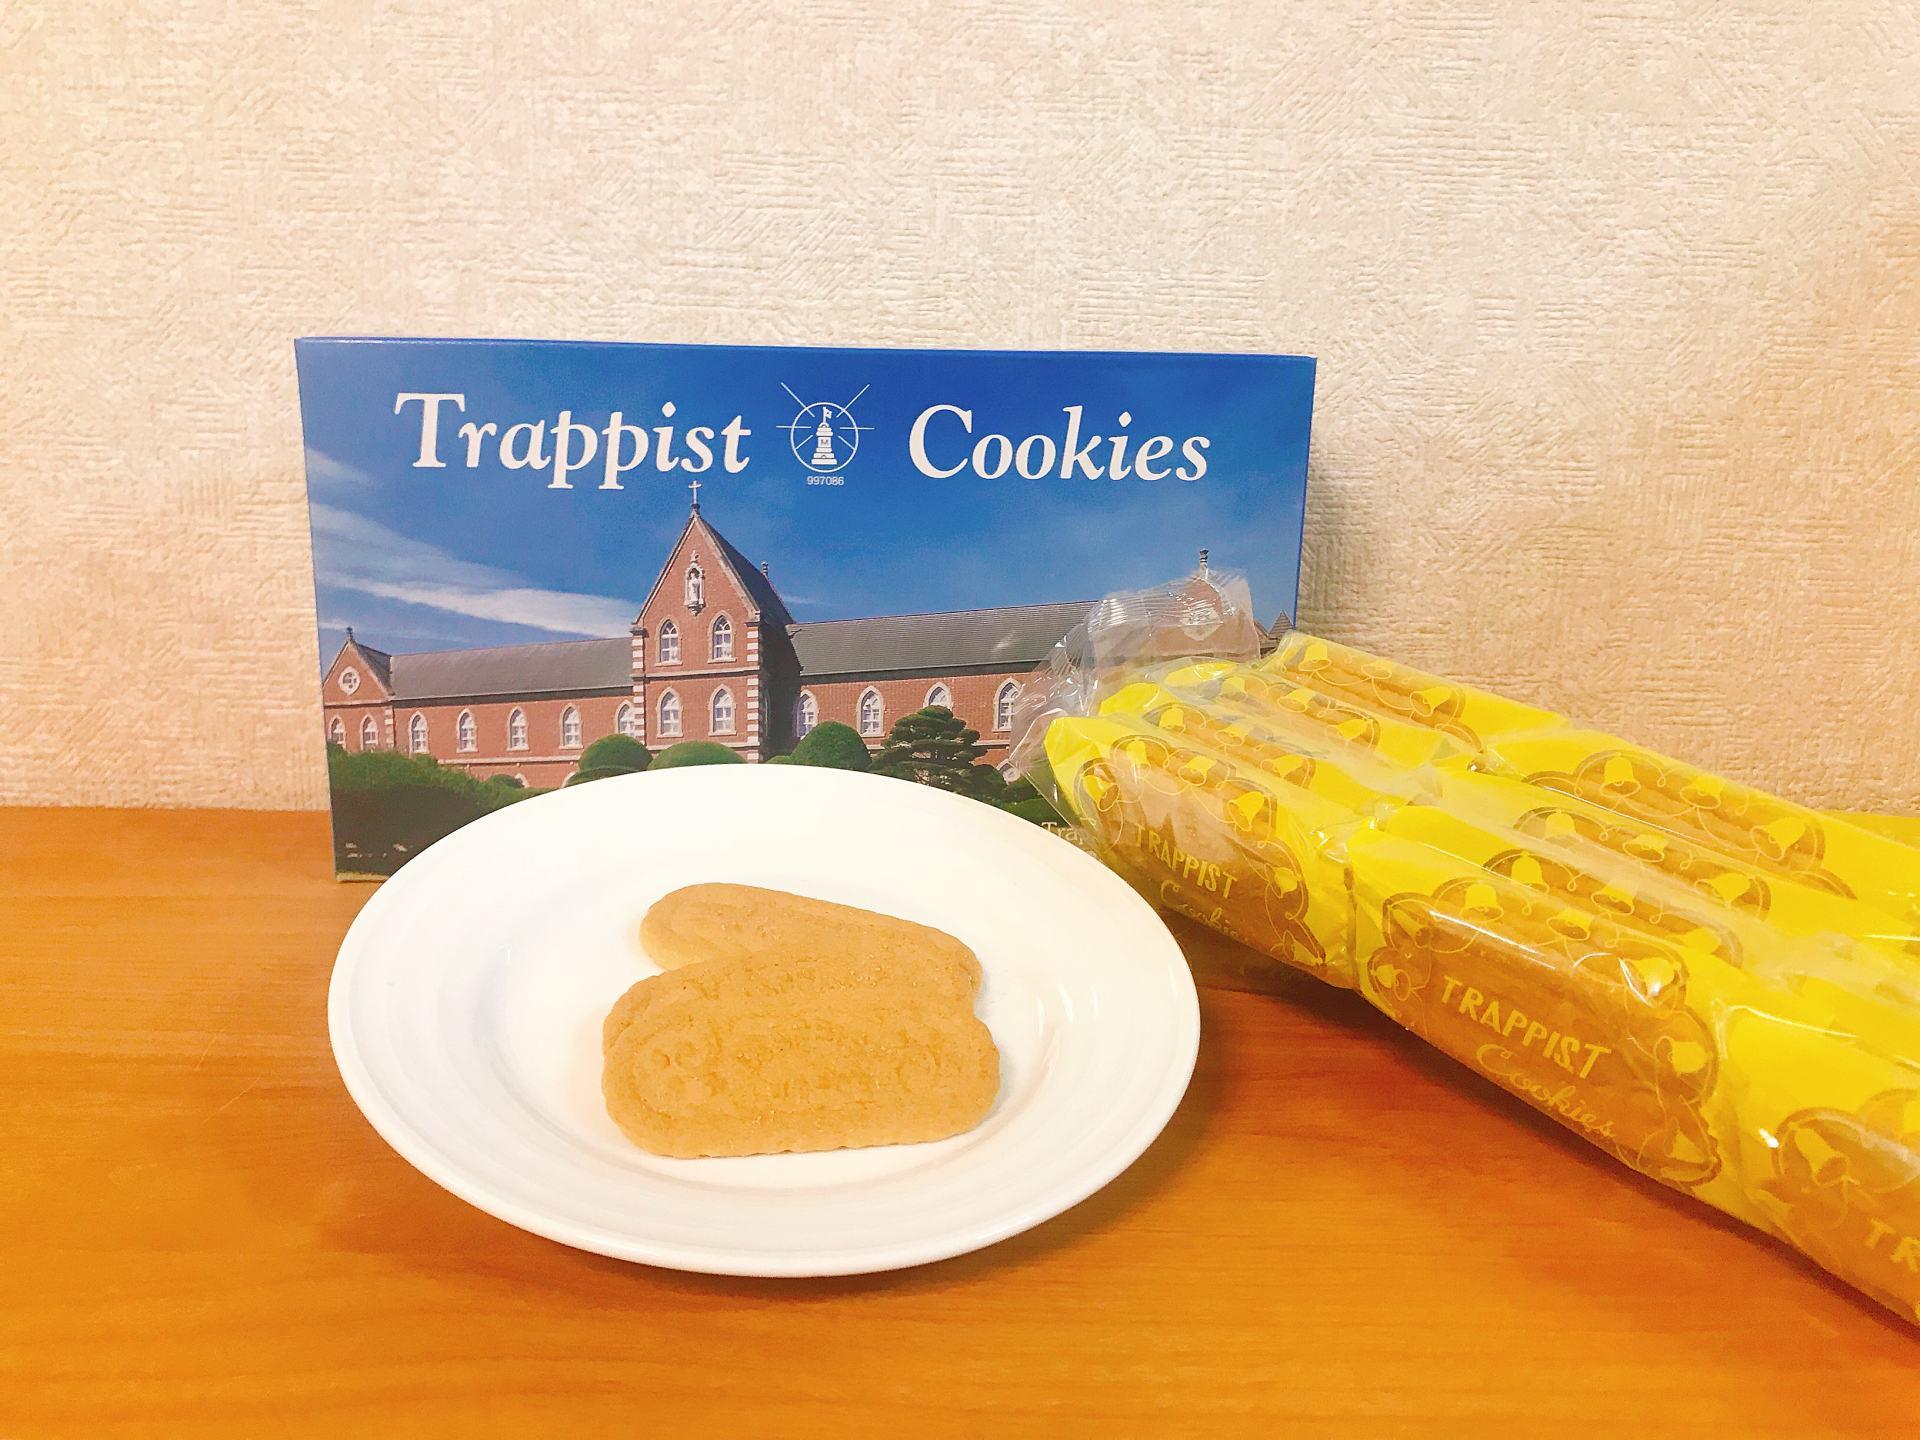 特拉皮斯汀奶油饼干